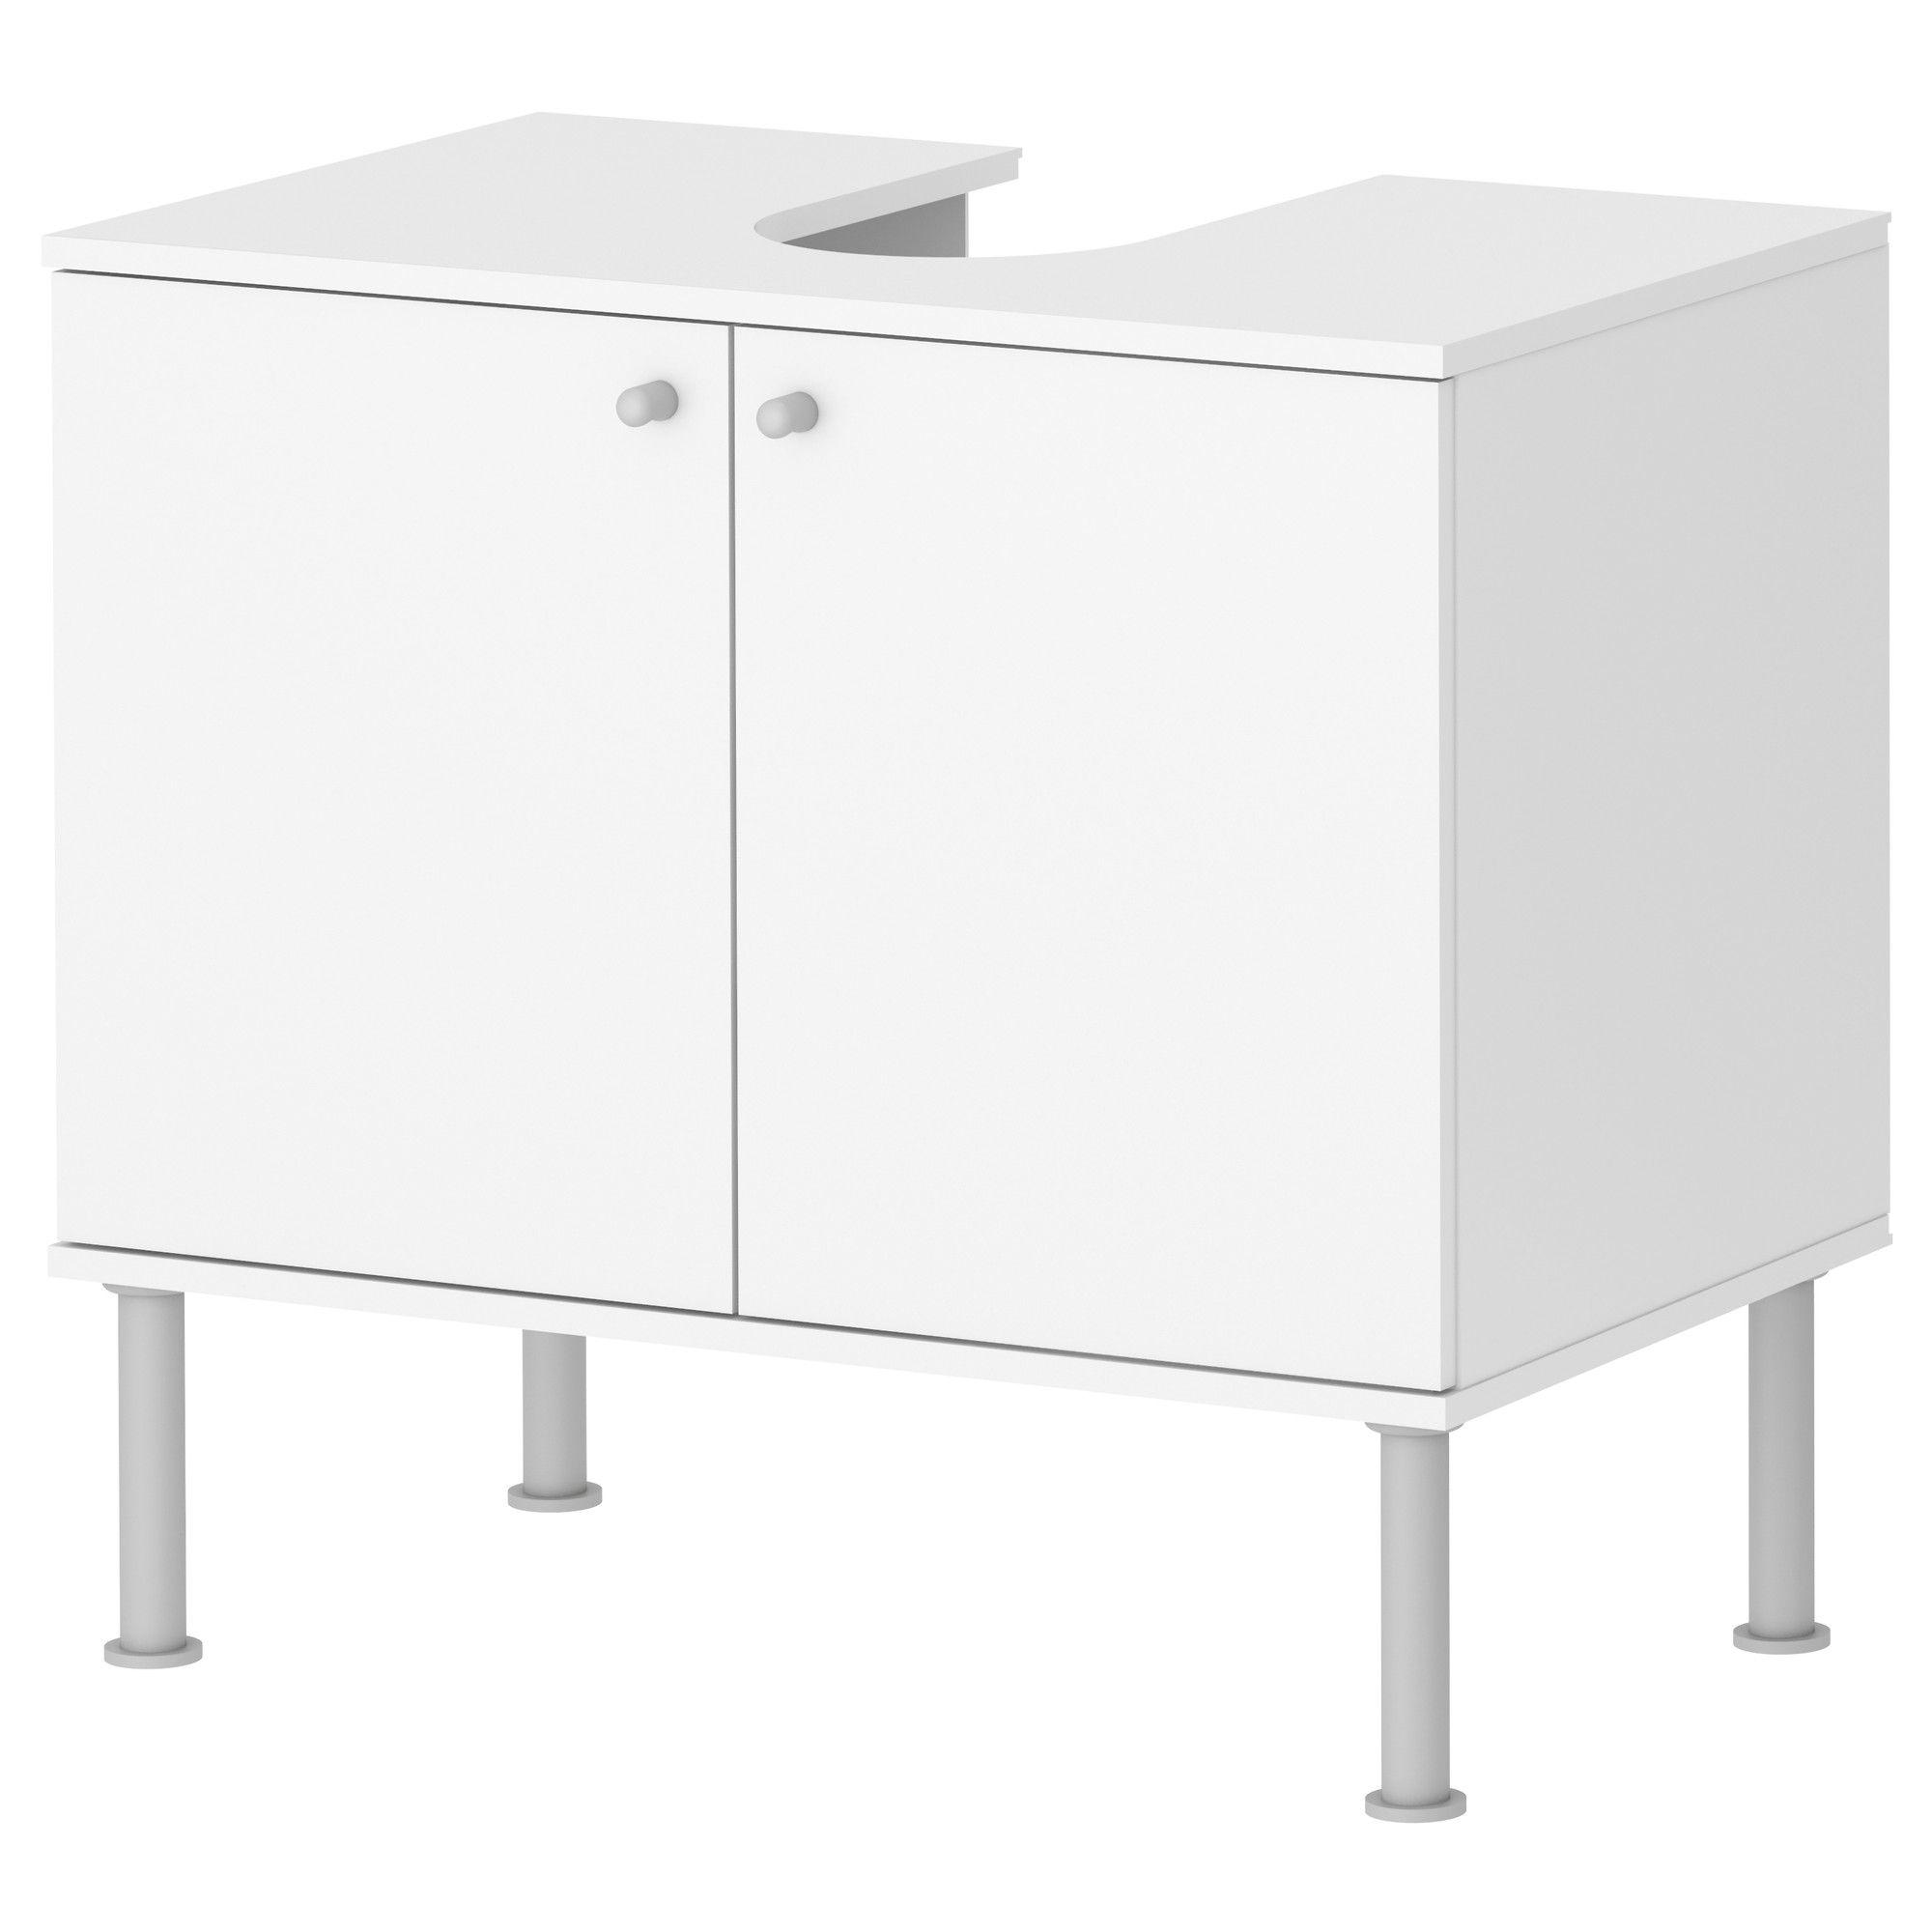 Mobilier Et Decoration Interieur Et Exterieur Etagere Ikea Ikea Armoire Rangement